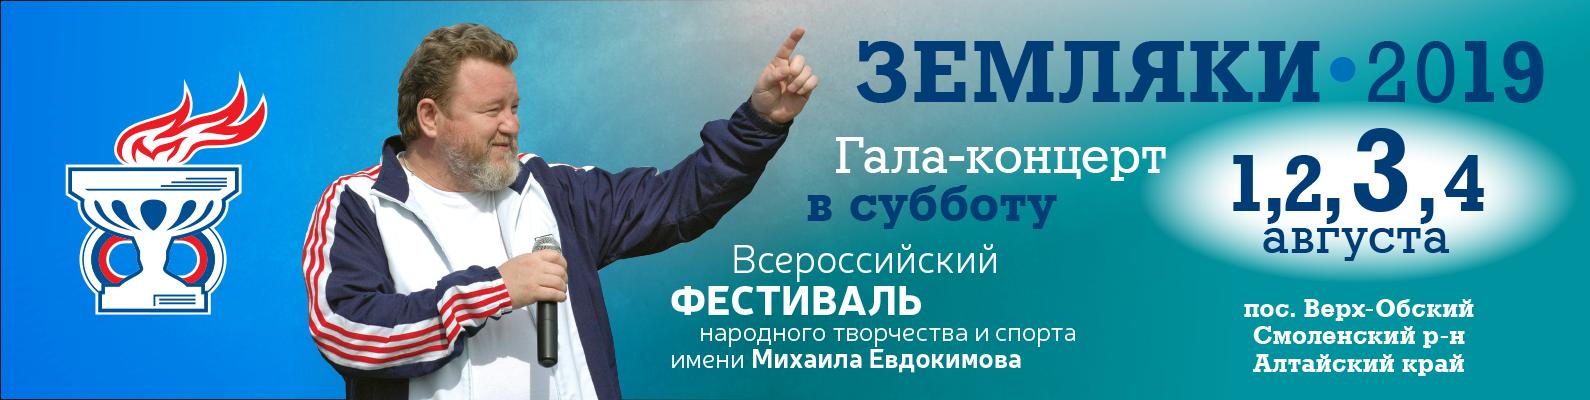 Добро пожаловать на Всероссийский фестиваль народного творчества и спорта имени Михаила Евдокимова ``Земляки``!